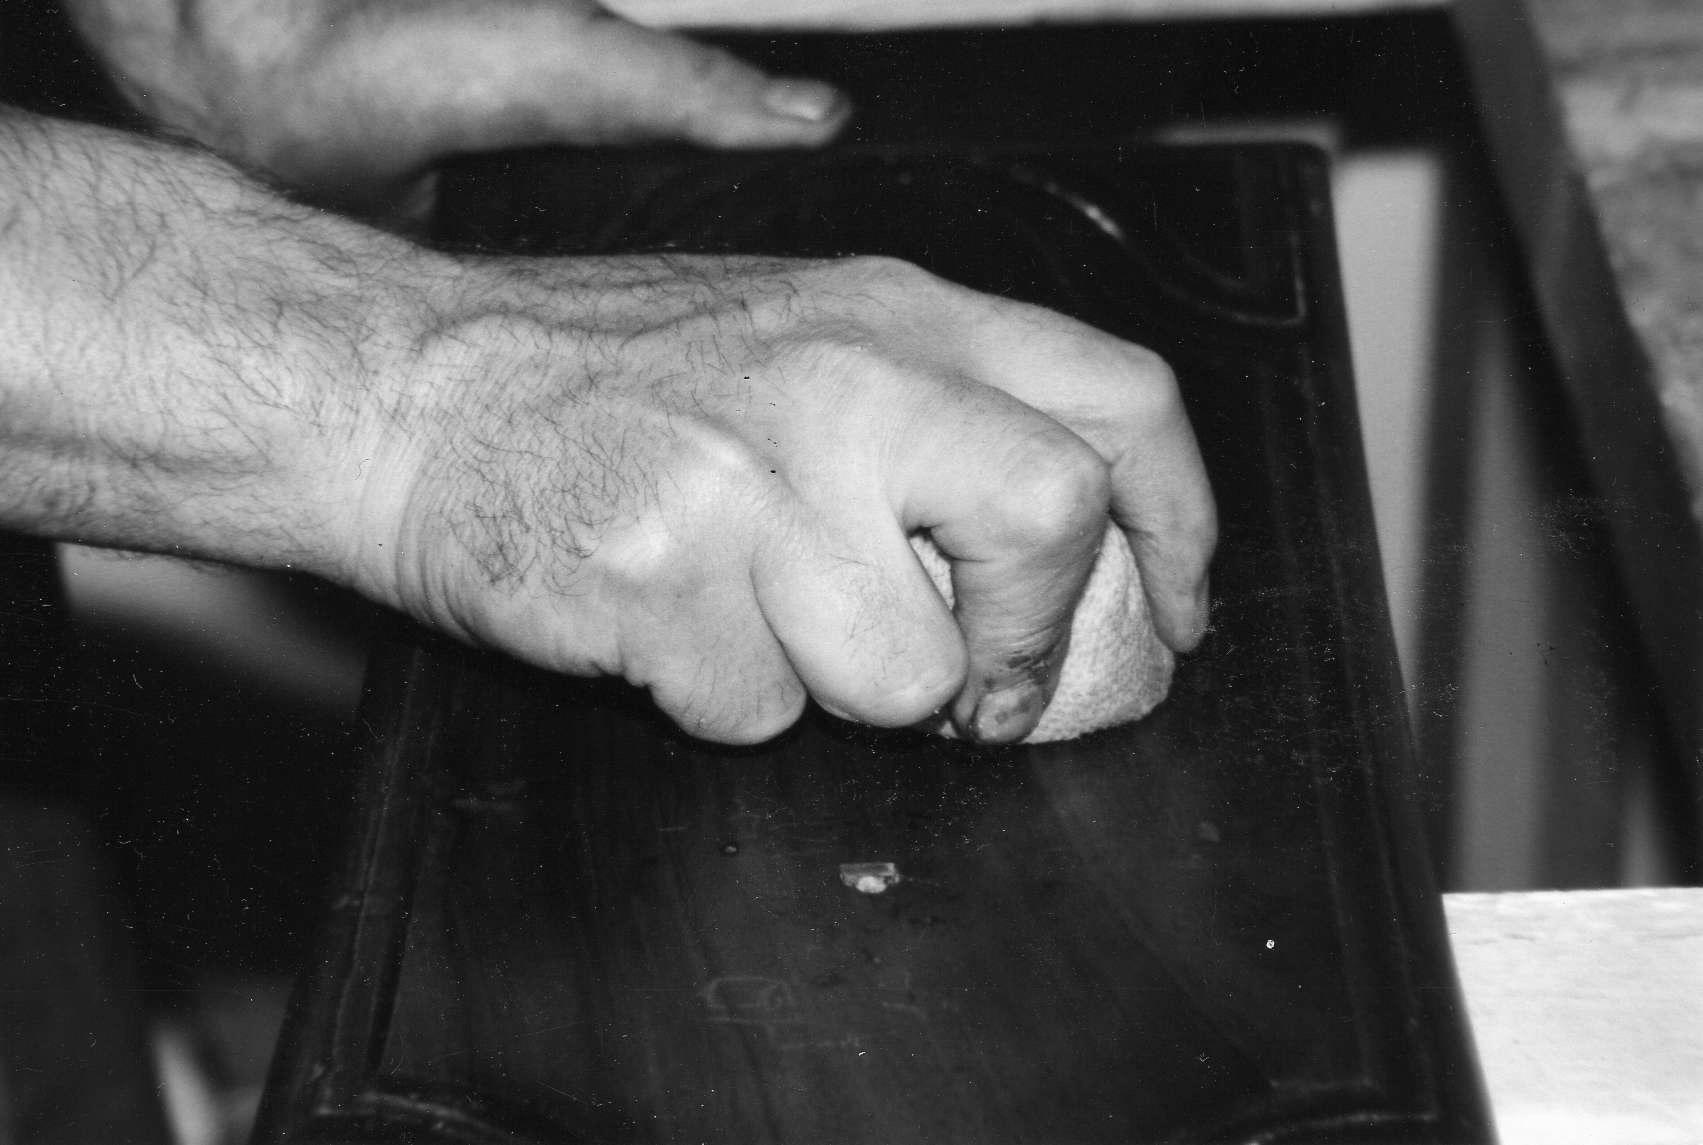 Conseils Dentretien De Vos Meubles Atelier Patrice Bricout - Nettoyer un meuble vernis au tampon